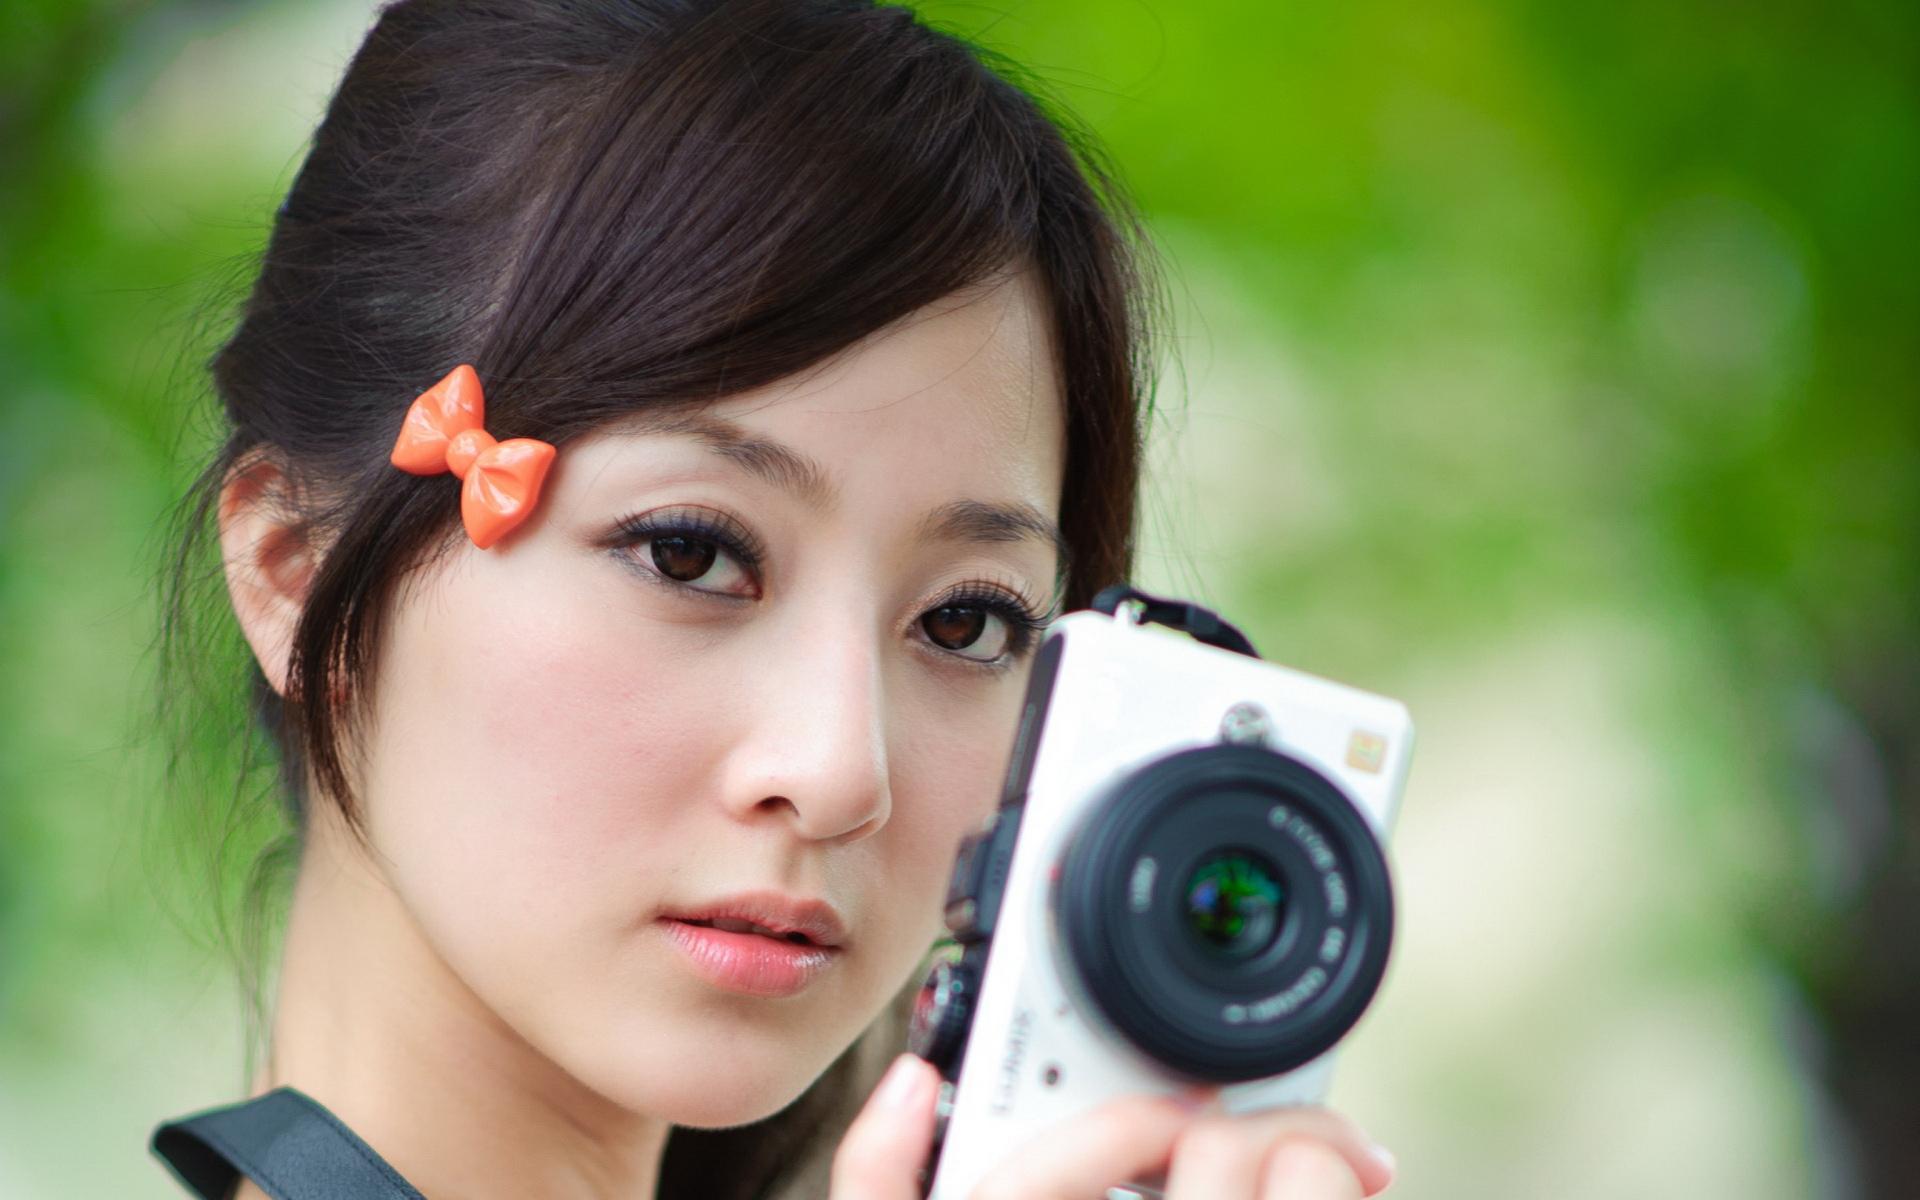 果子MM 高清摄影宽屏壁纸(公园篇)(壁纸1)